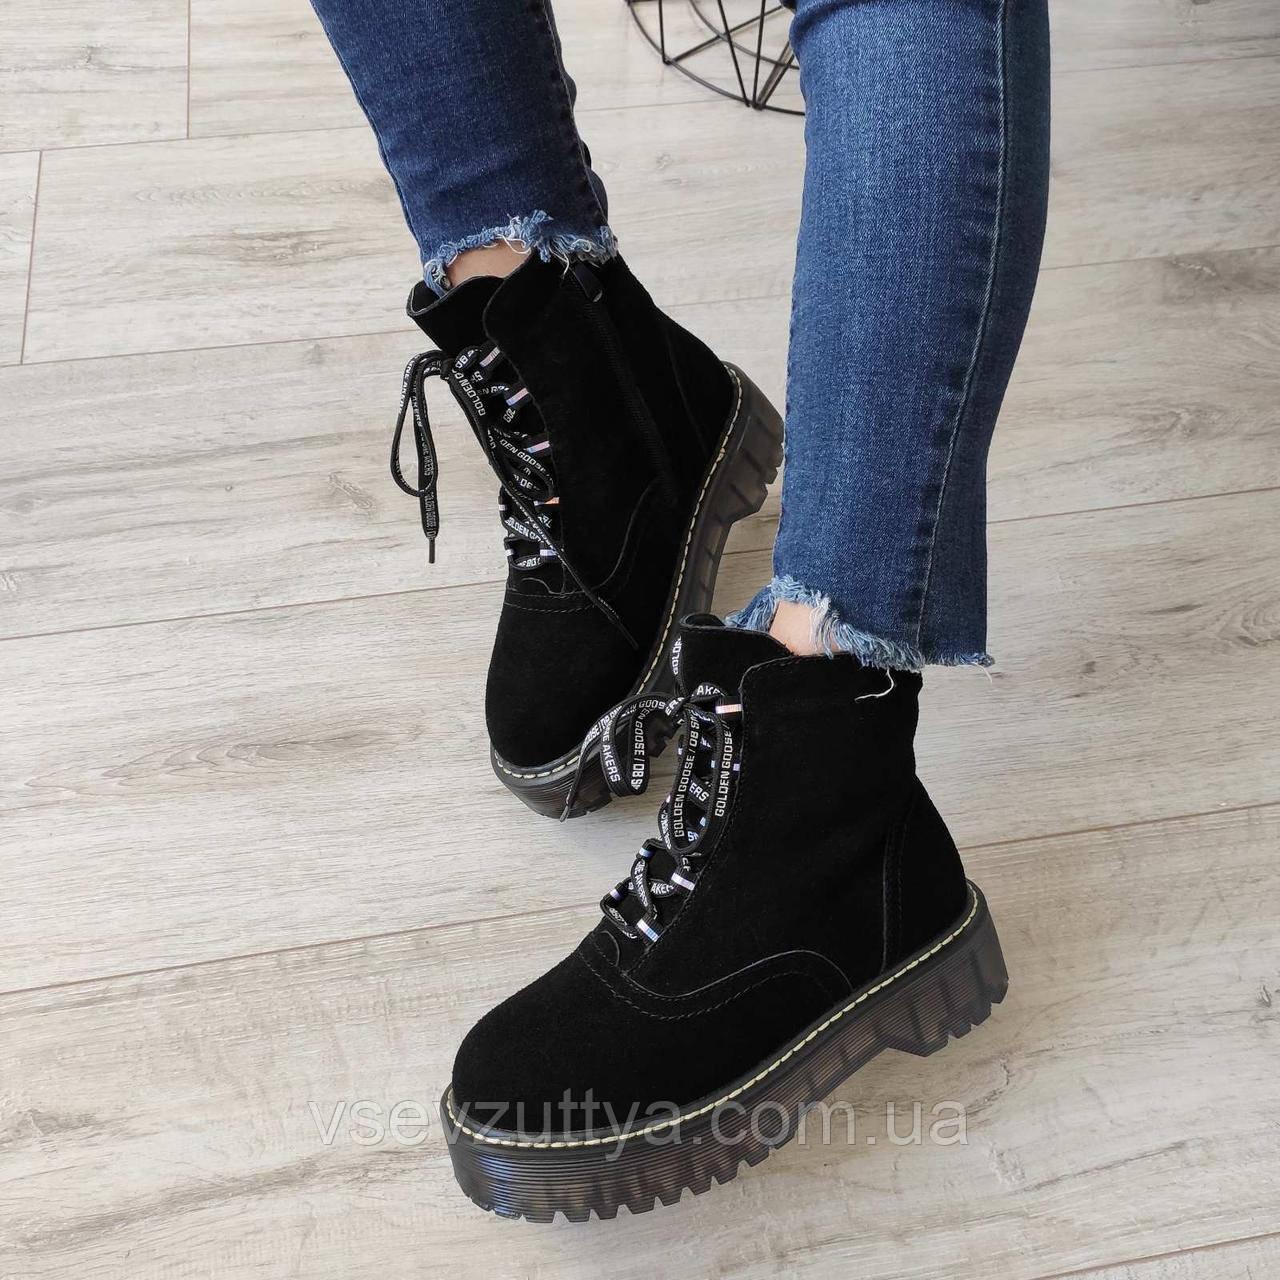 Ботинки женские черные зимние натуральная замша